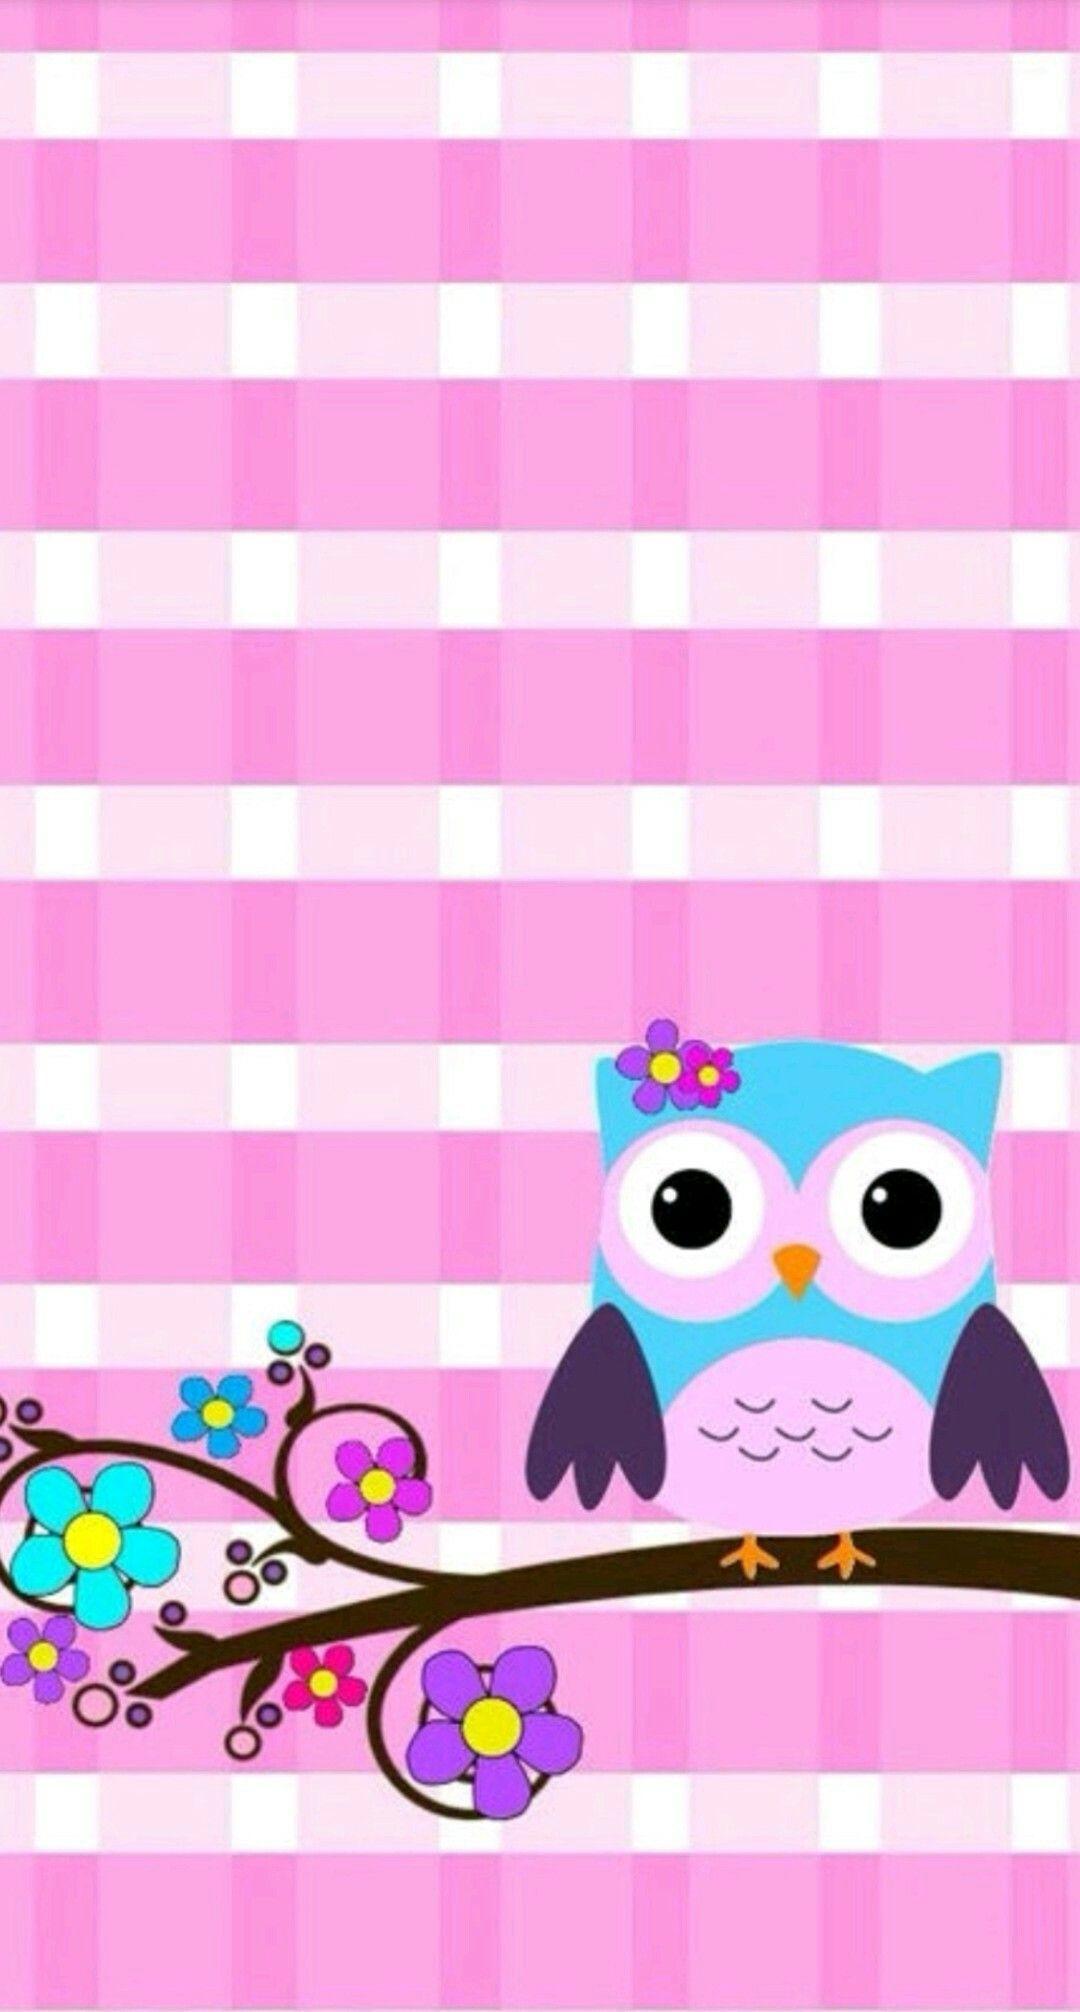 Pin By Maria Augusta On Corujinhas Owl Wallpaper Cute Owls Wallpaper Owl Wallpaper Iphone